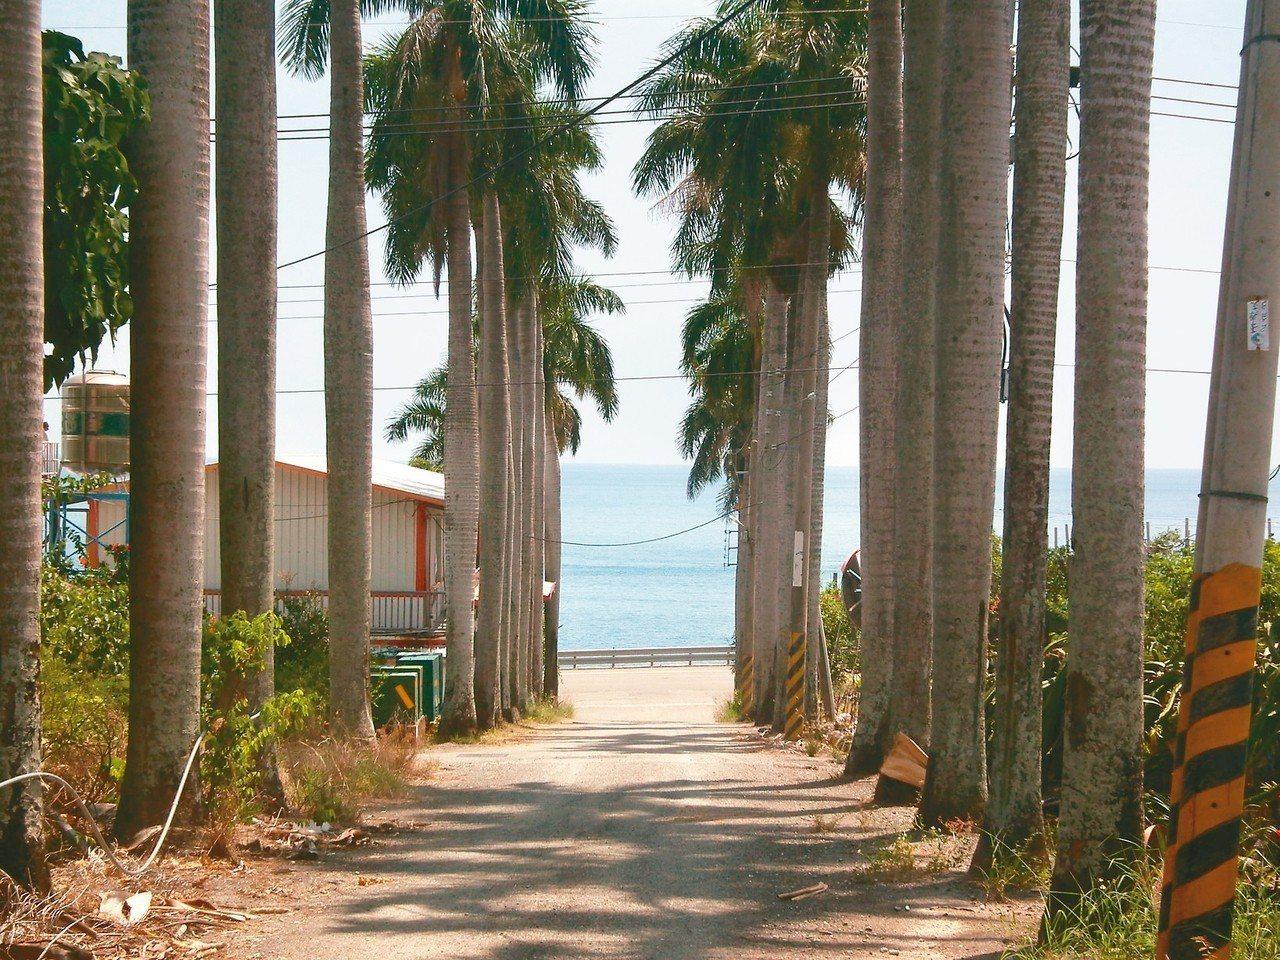 華源國小前方有100公尺的椰林大道,還有美麗的華源海灣海景。 記者尤聰光/攝影